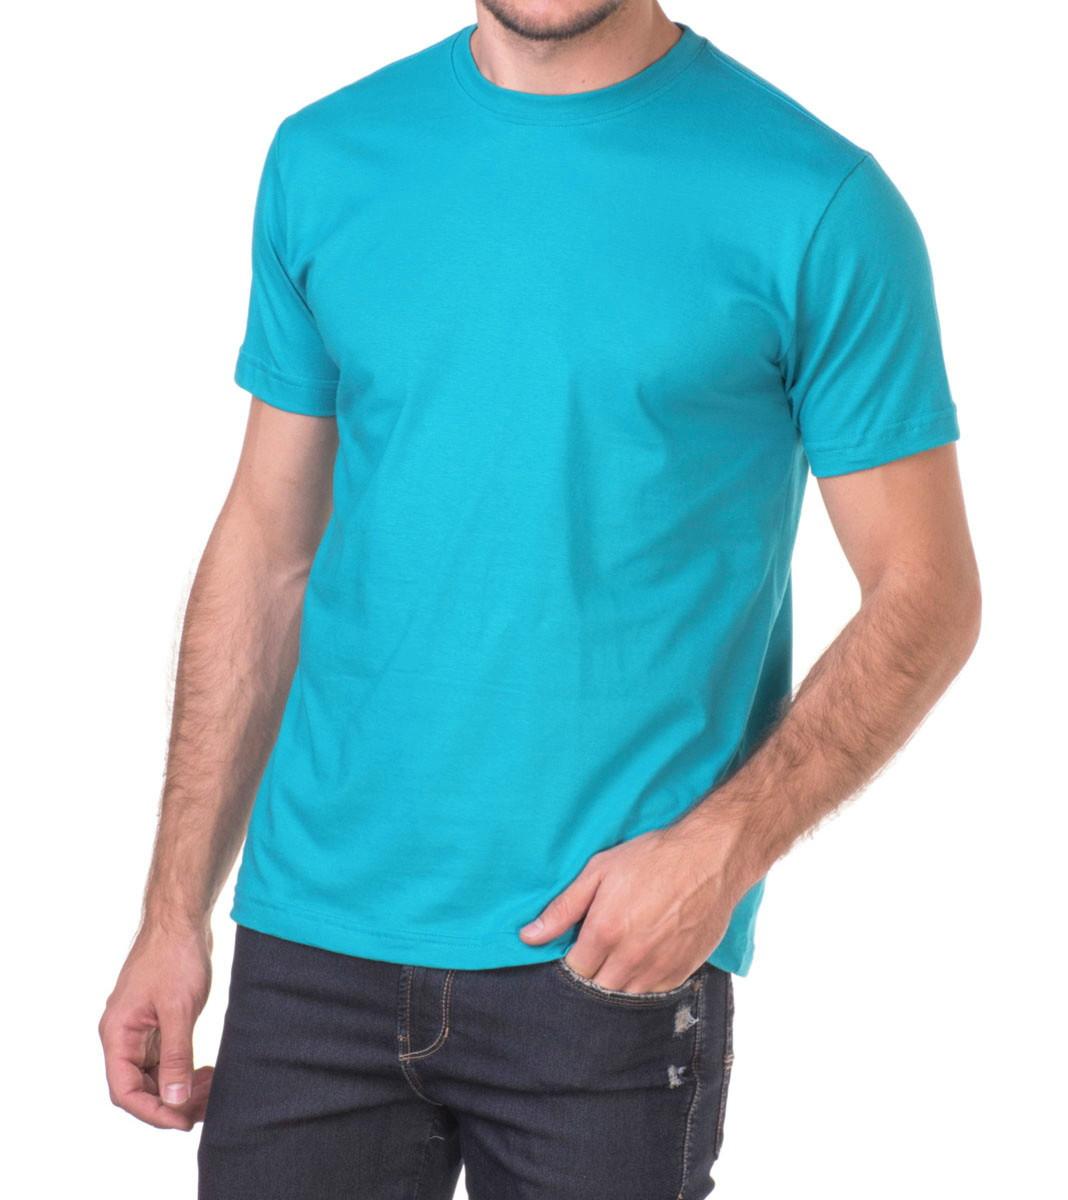 9fa5a5b08f Camiseta 100% Algodão Sem Estampa Fio 30.1 Azul Turquesa no Elo7 ...